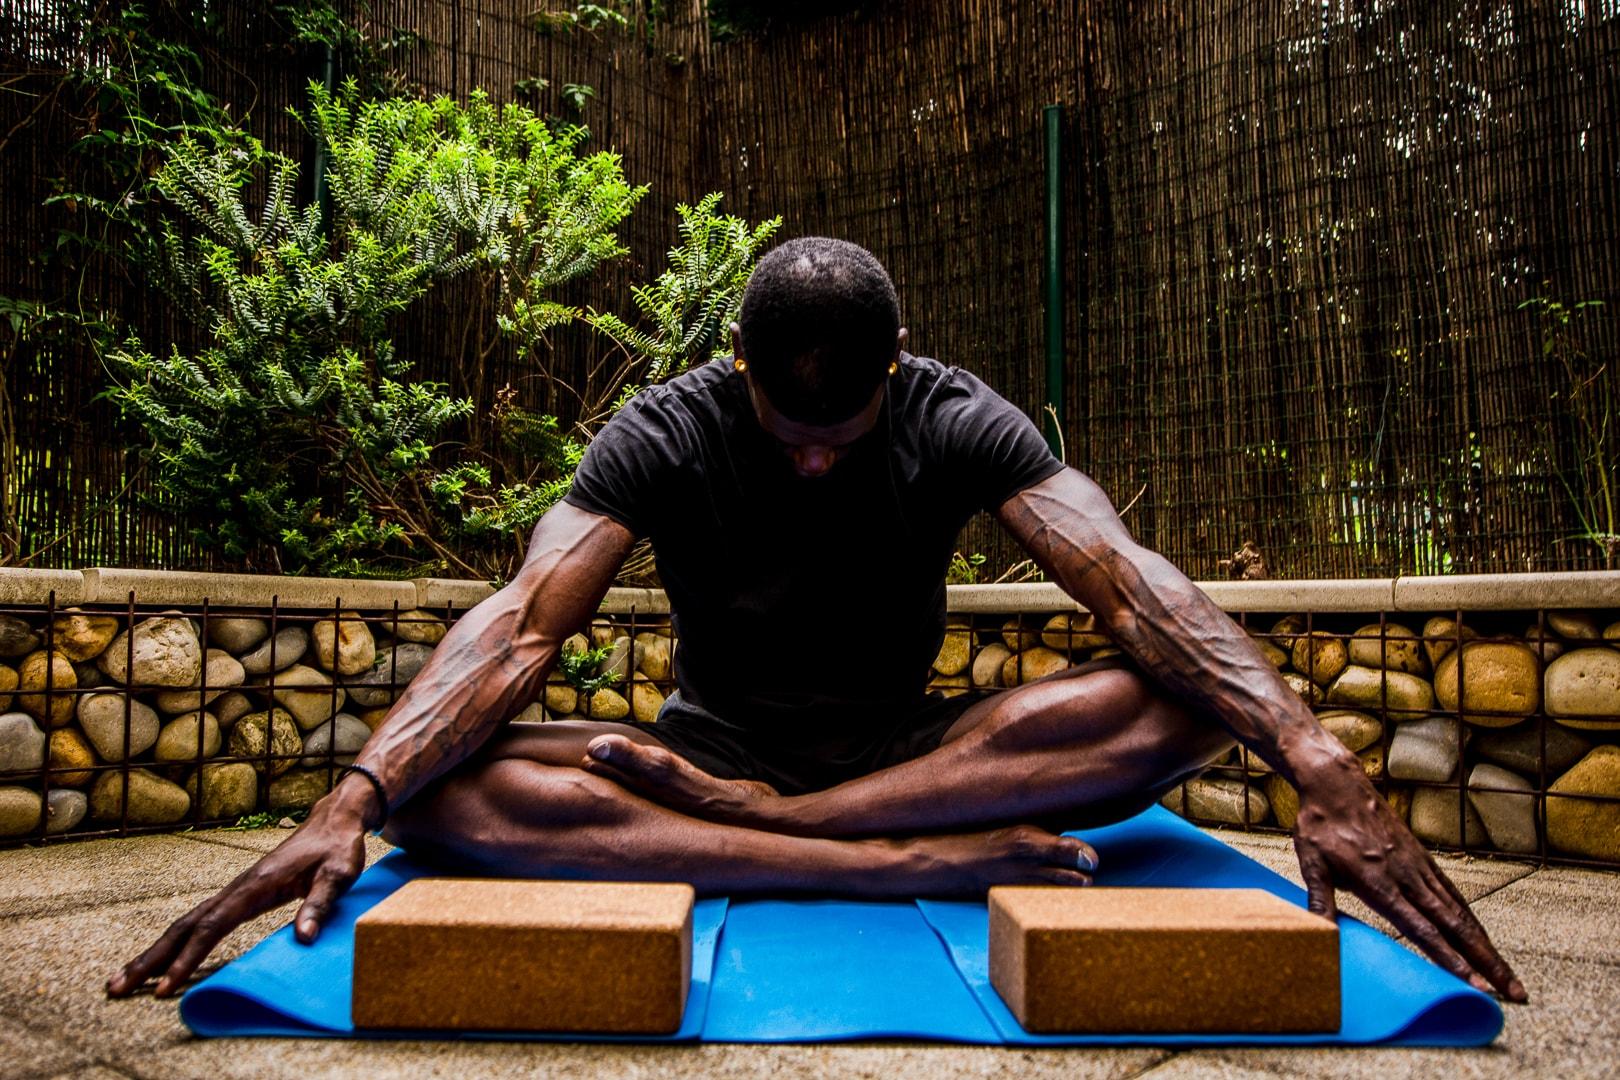 trezors-photography-photographe-professionnel-toulouse-31-sport-lifestyle-yoga-namastay